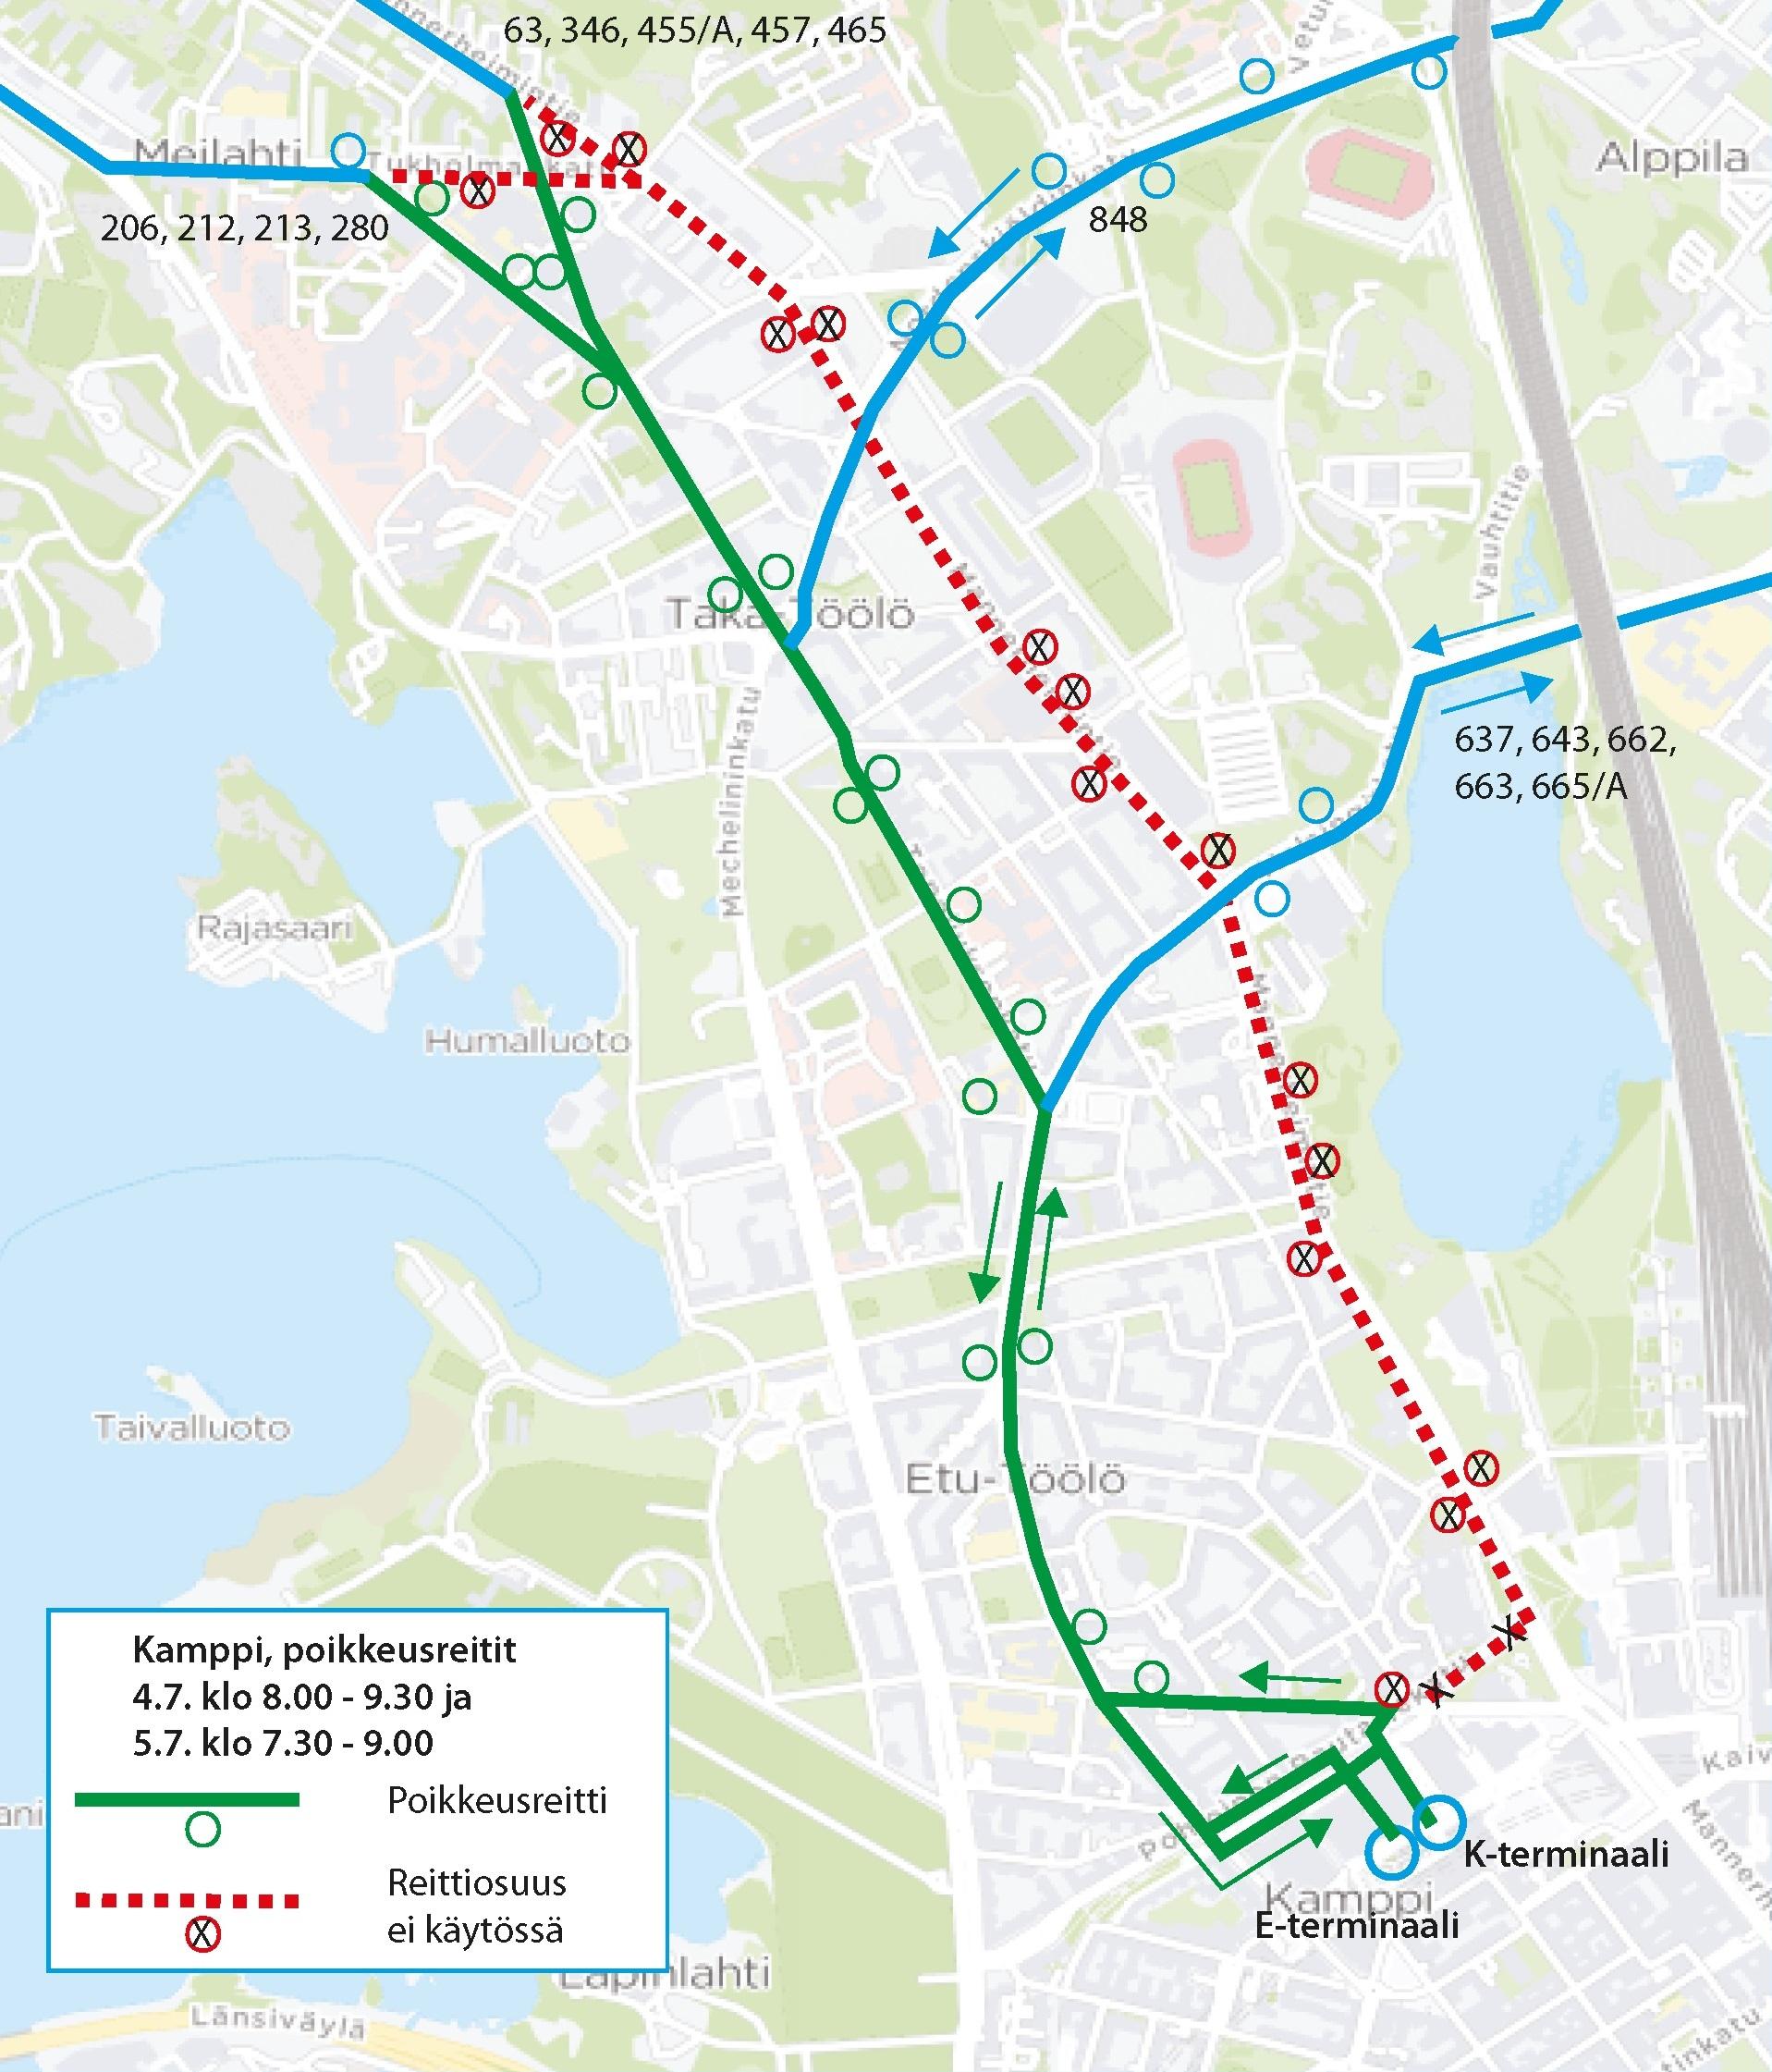 Kampista liikenneidään Runeberginkadun kautta